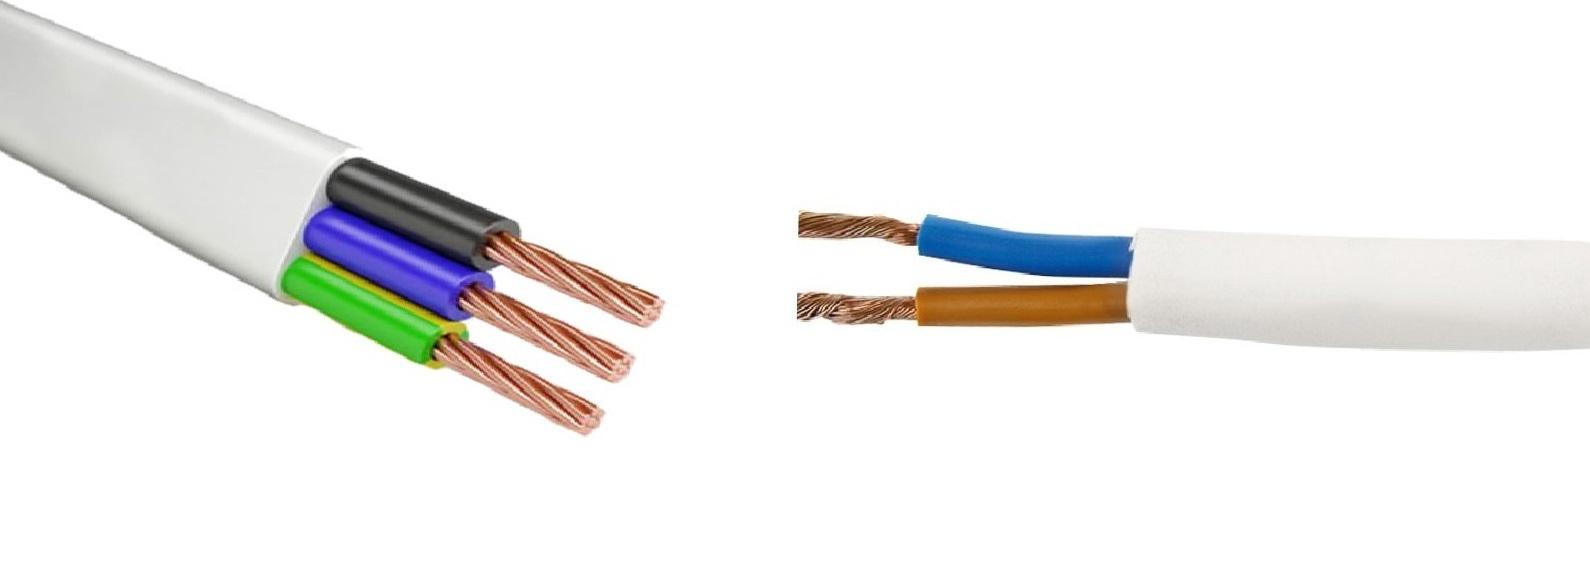 какой кабель для освещения в квартире